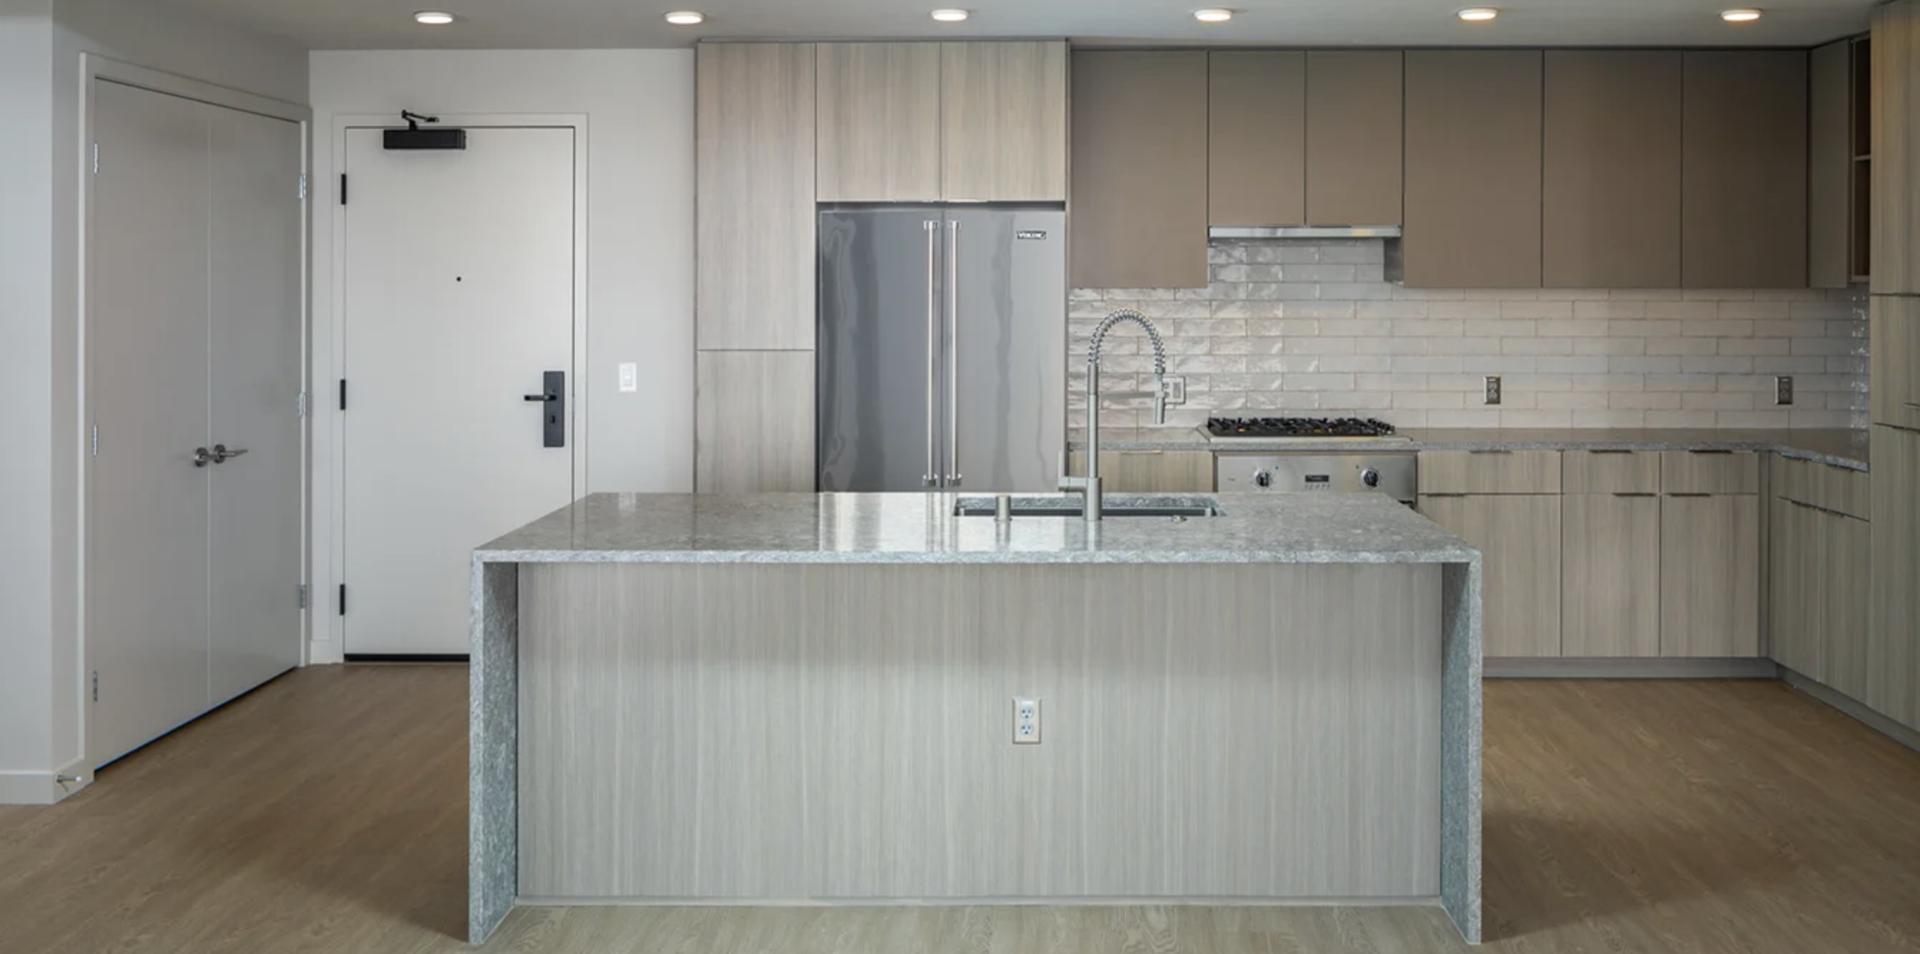 601 11th Avenue #1405, San Diego, CA - $5,850 USD/ month